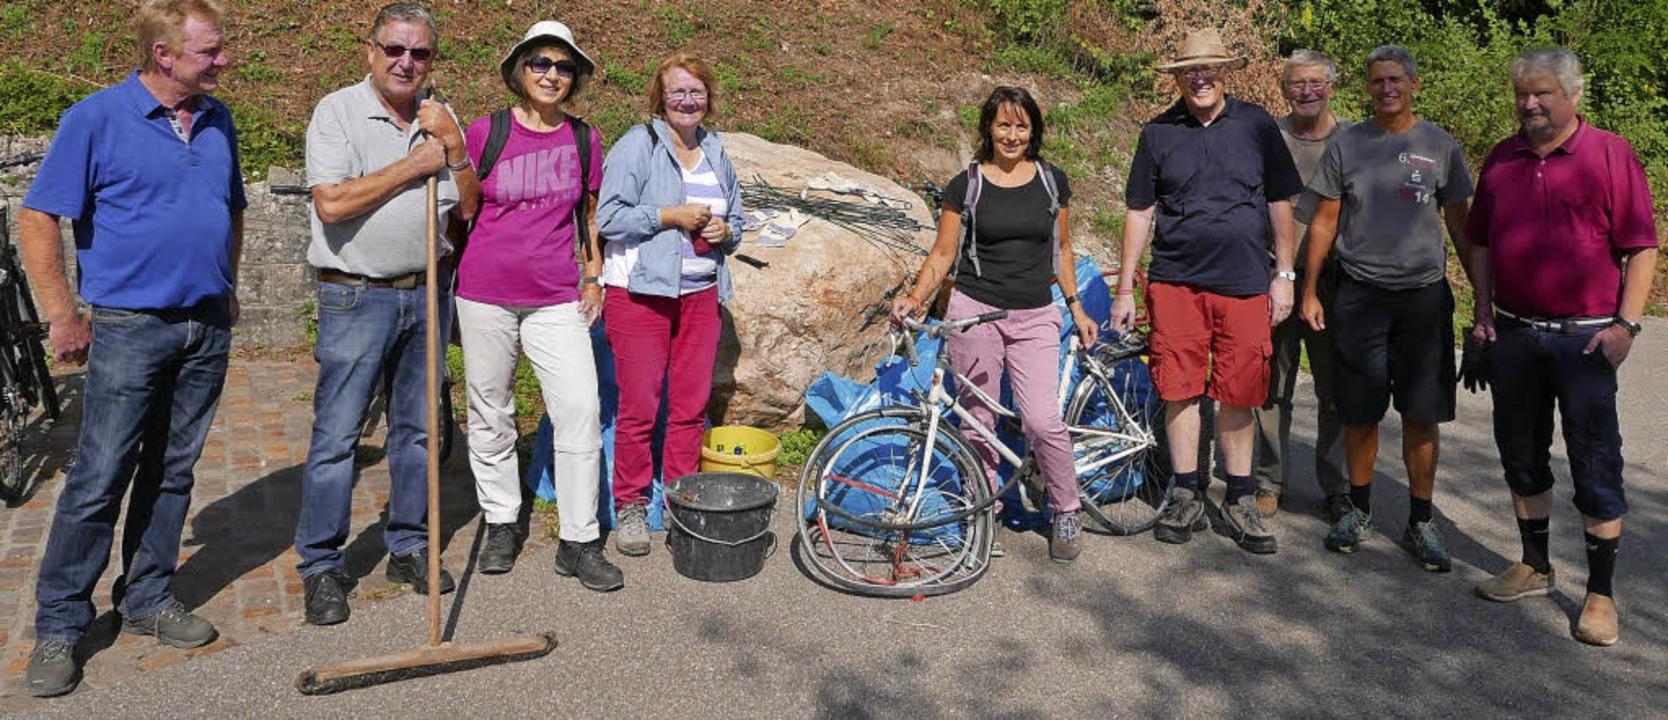 Sechs Säcke Abfall, ein altes Fahrrad ... Besen trugen die Teilnehmer zusammen.  | Foto: Charlotte Pötter